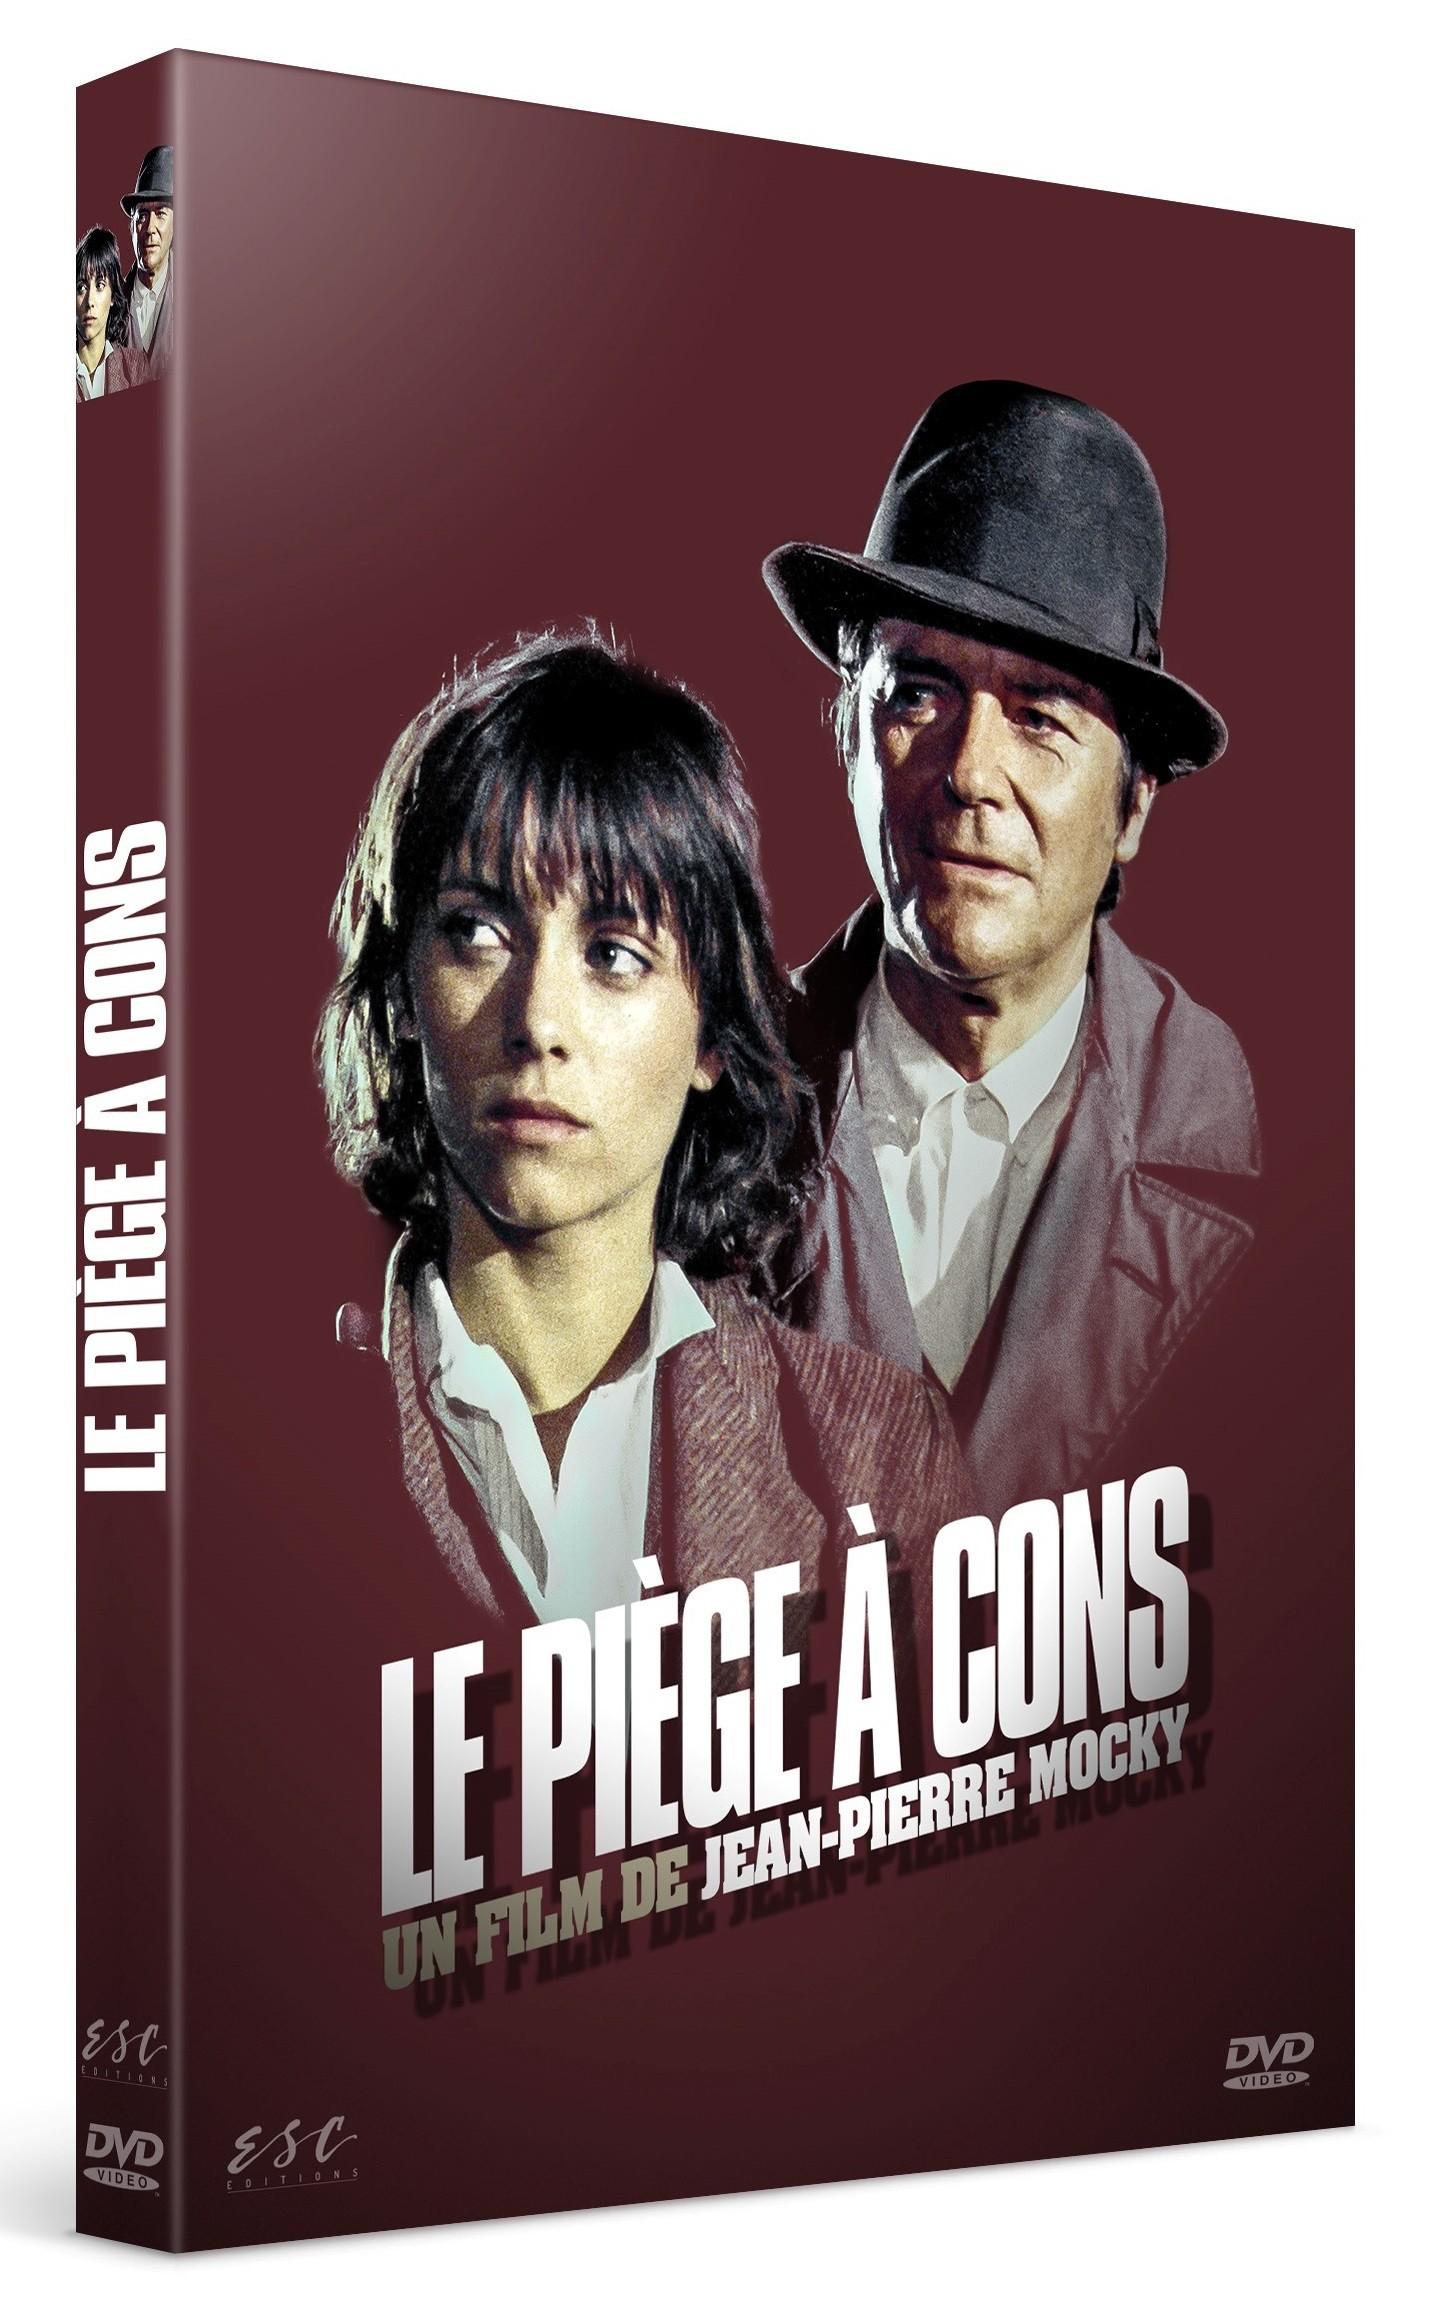 LE PIEGE A CONS